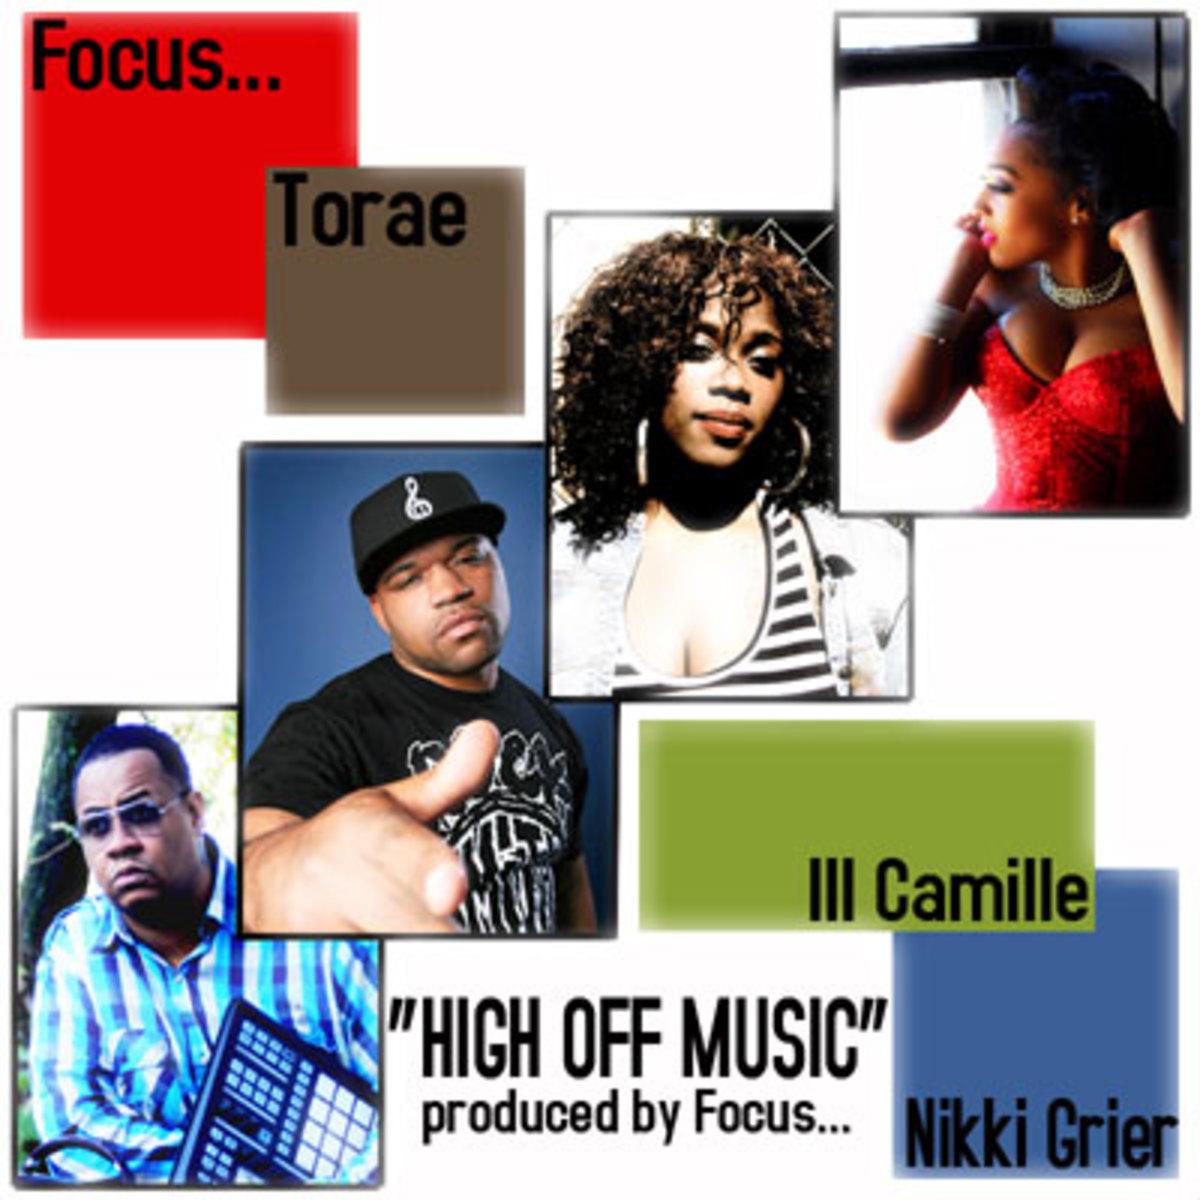 focus-highoffmusic.jpg